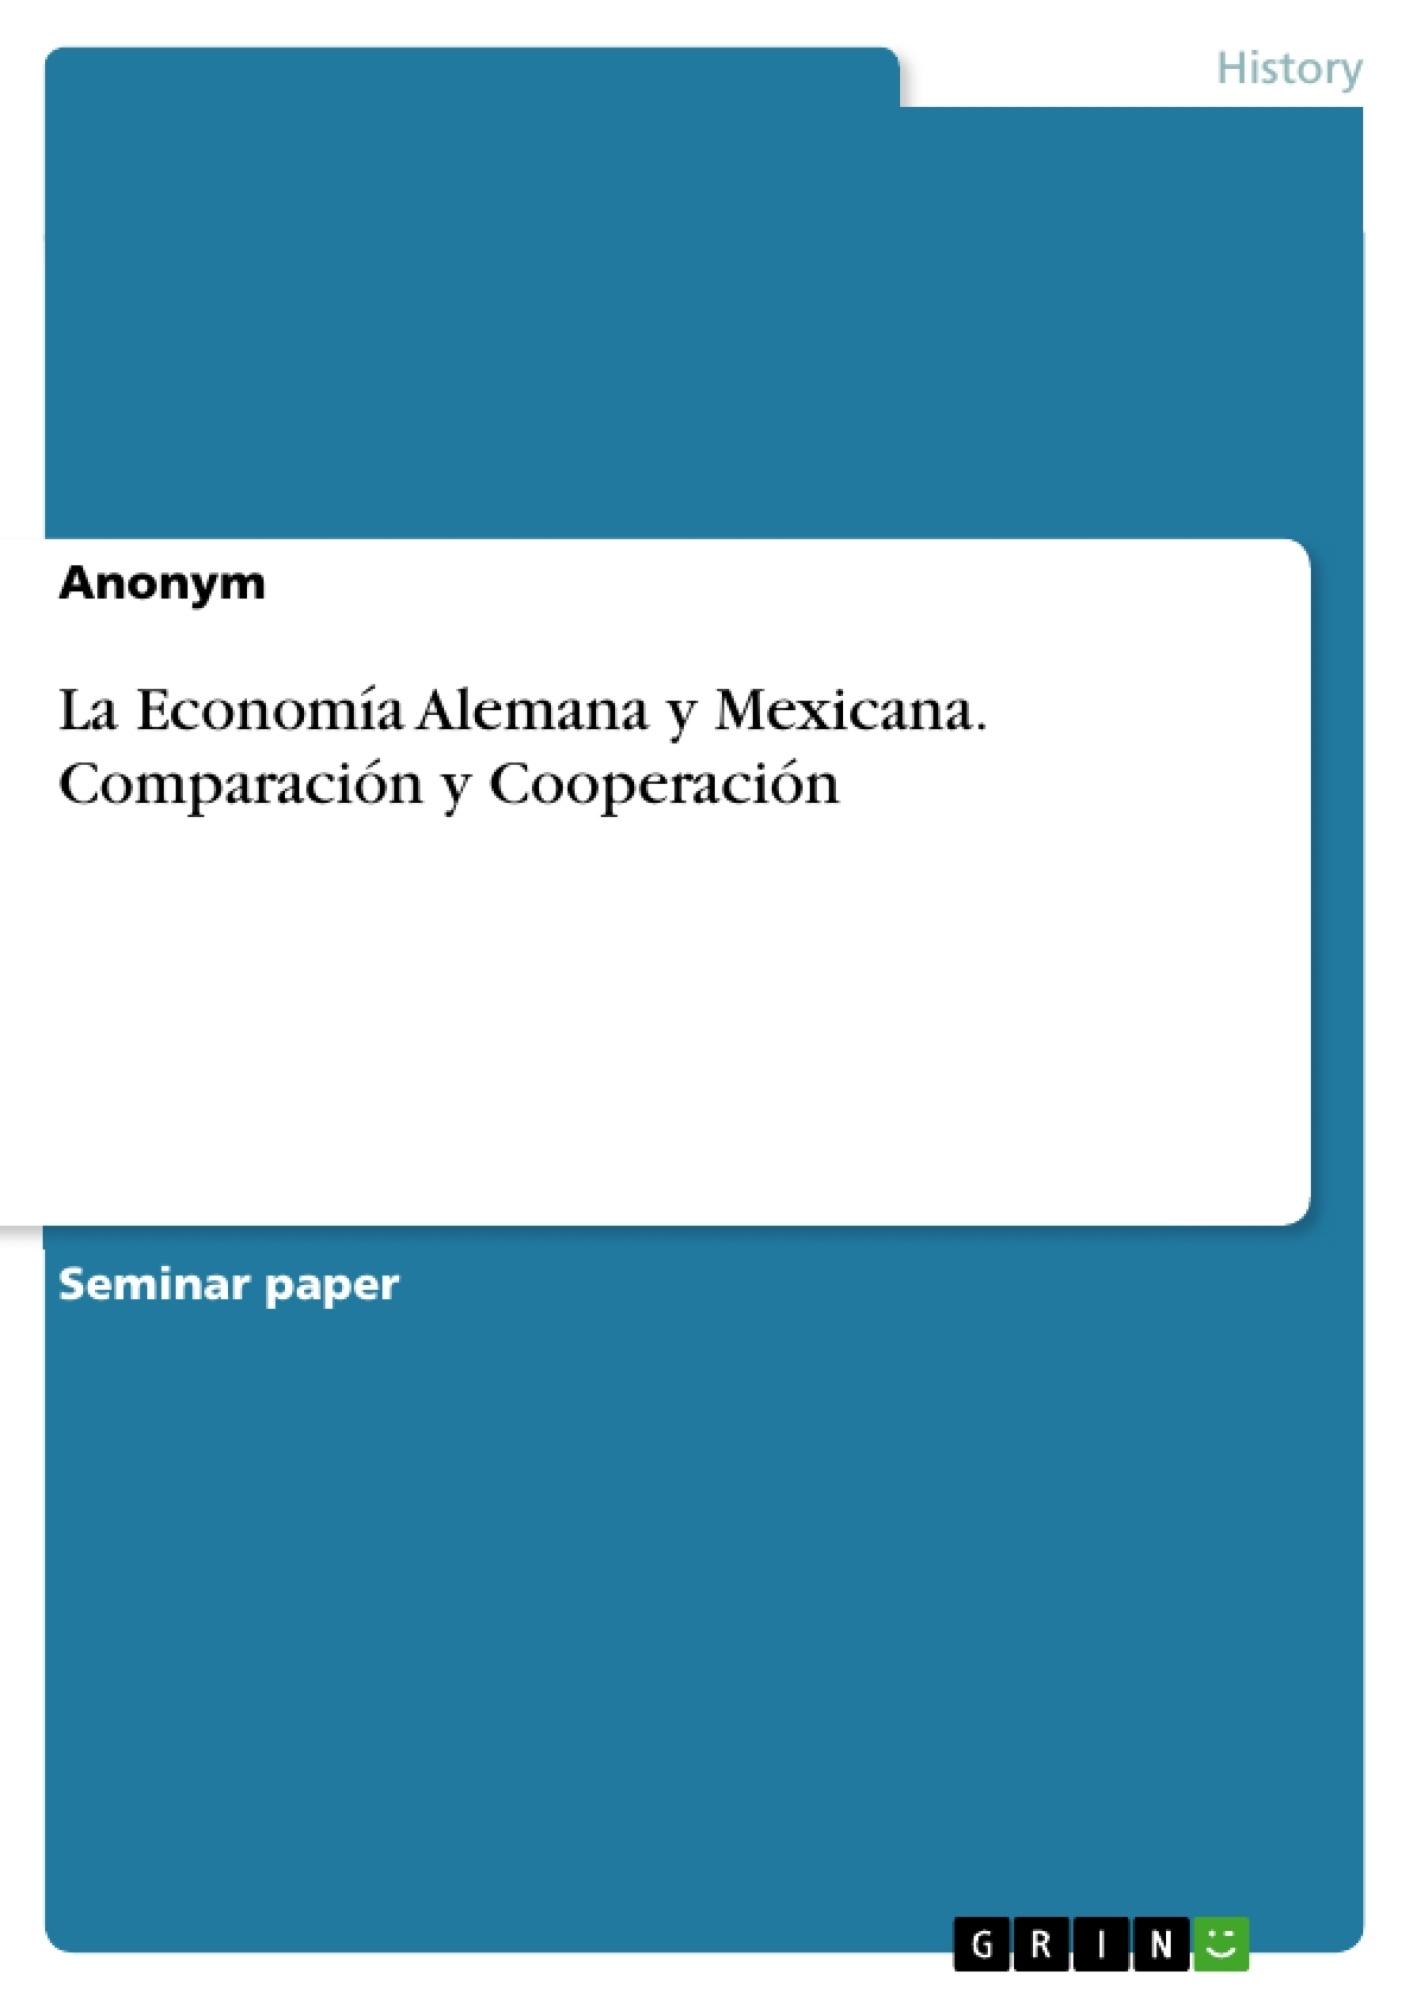 Título: La Economía Alemana y Mexicana. Comparación y Cooperación